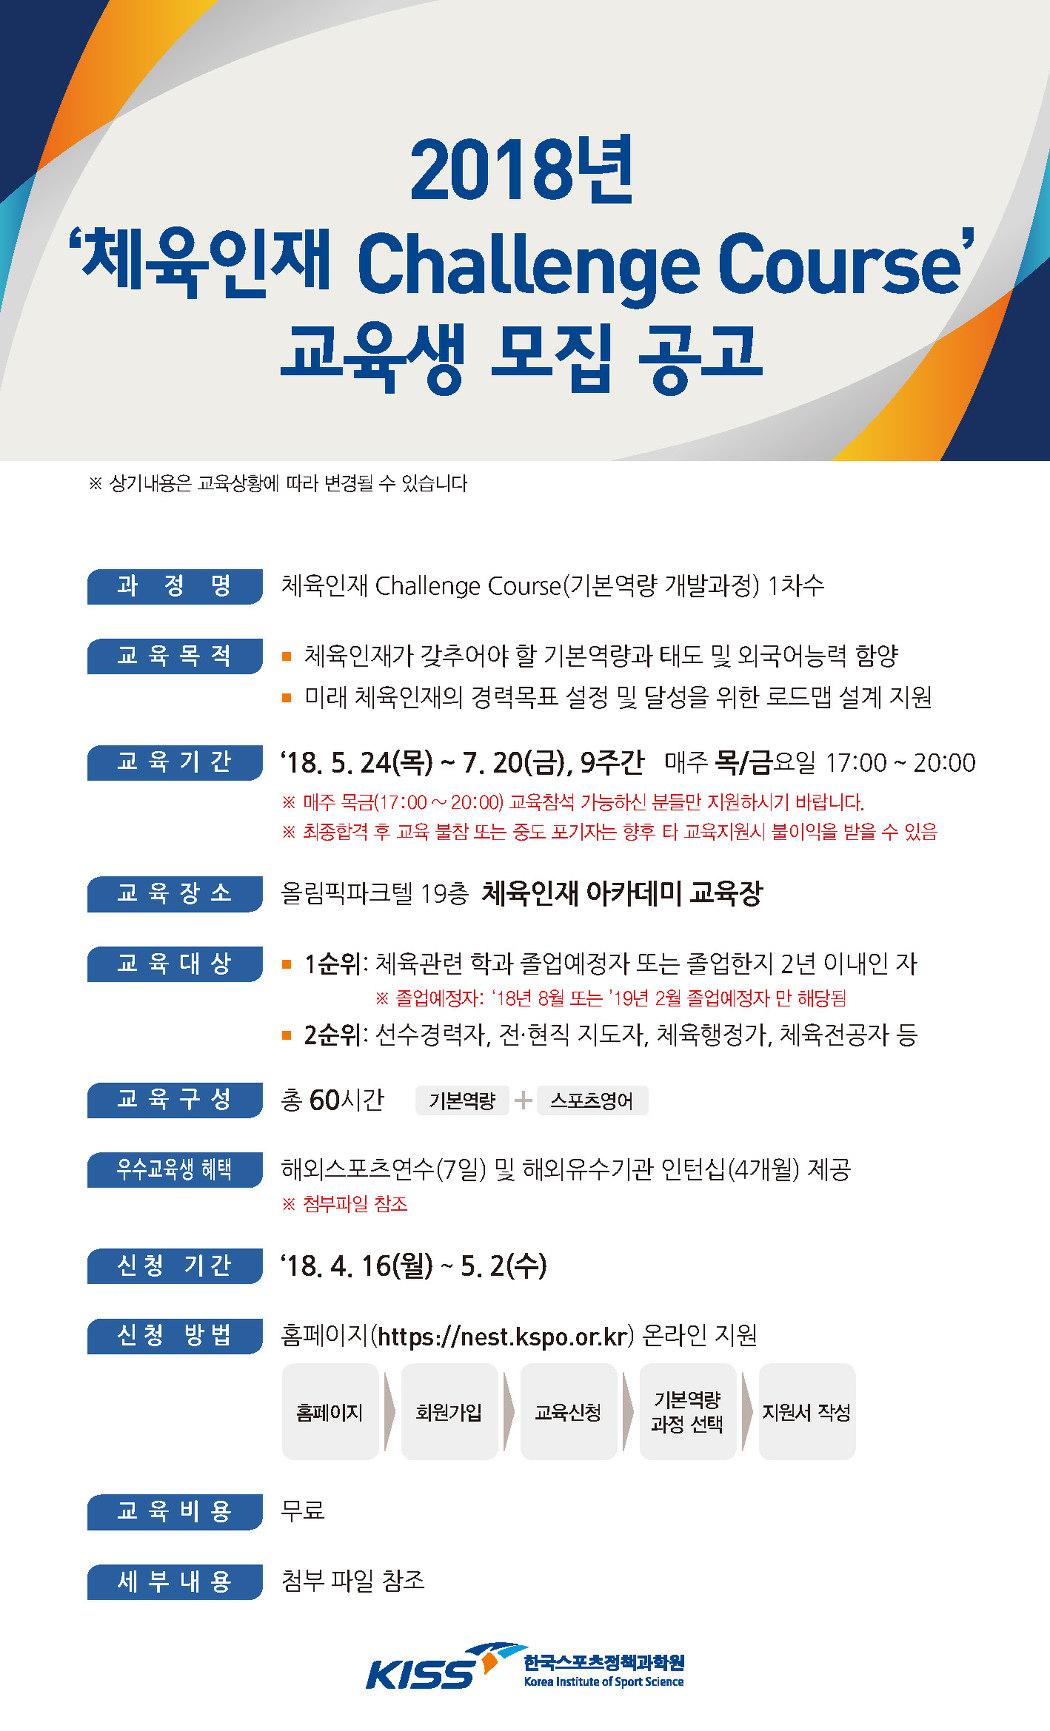 『2018년 체육인재 Challenge Course 교육생 모집 공고』